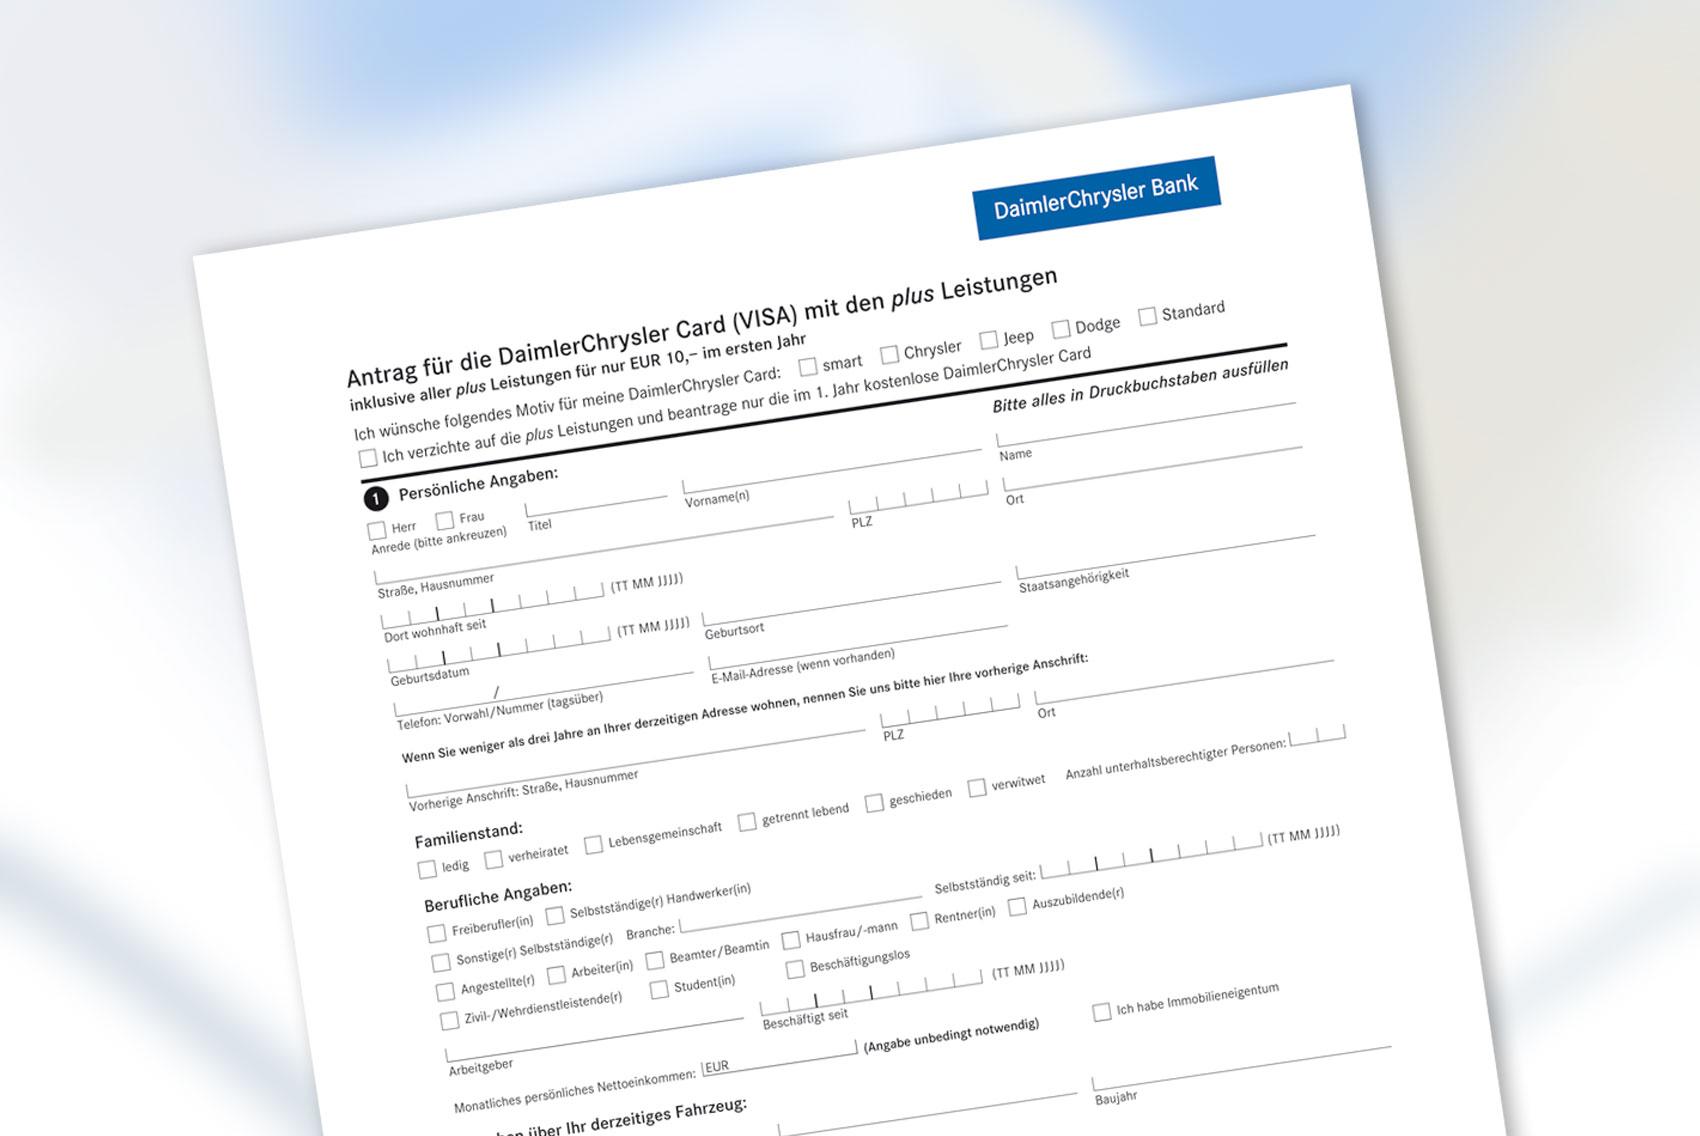 Das fertige Formular für einen Kreditkartenantrag